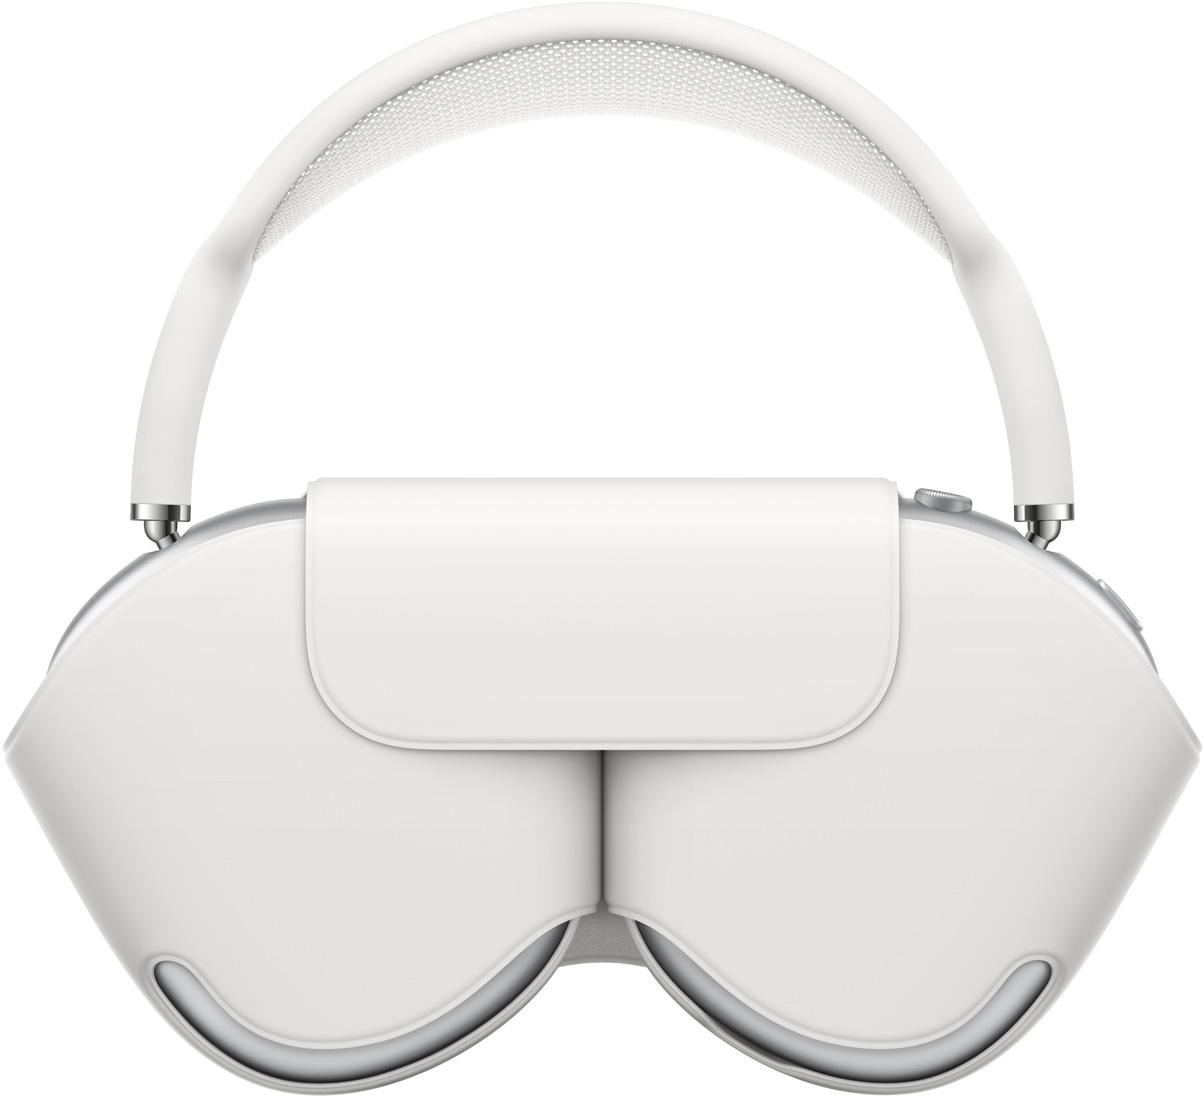 Pildil on kujutatud nutiümbrises SmartCase olevat AirPods Maxi.